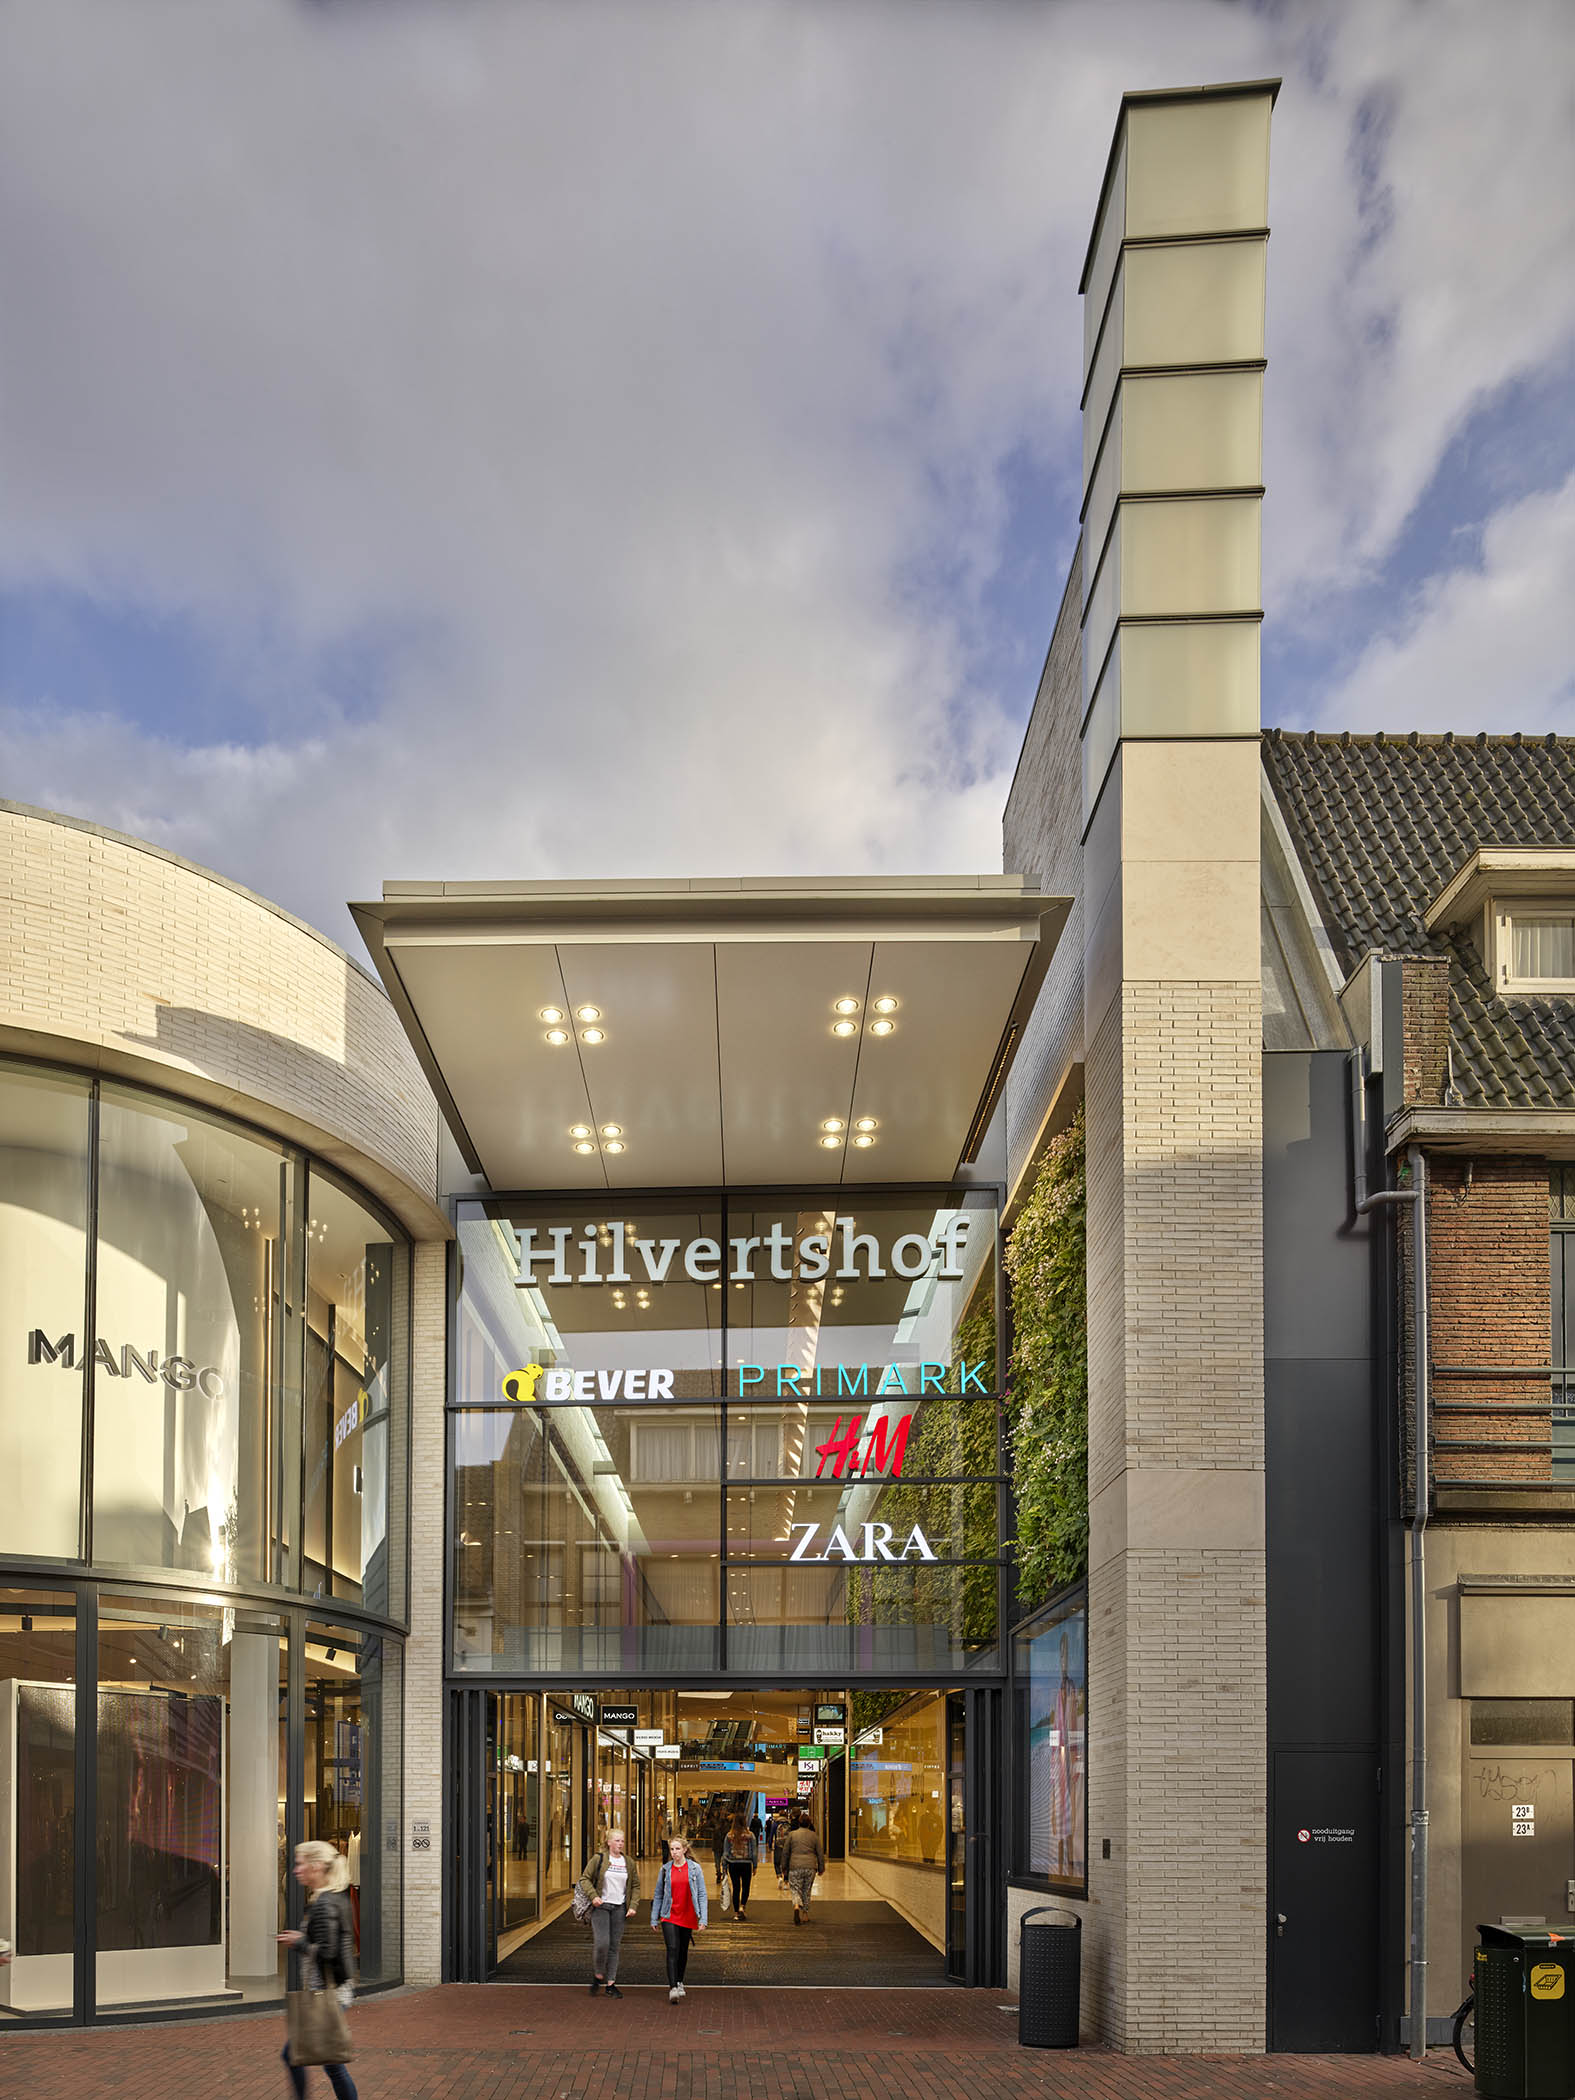 Hilvertshof-Hilversum-14